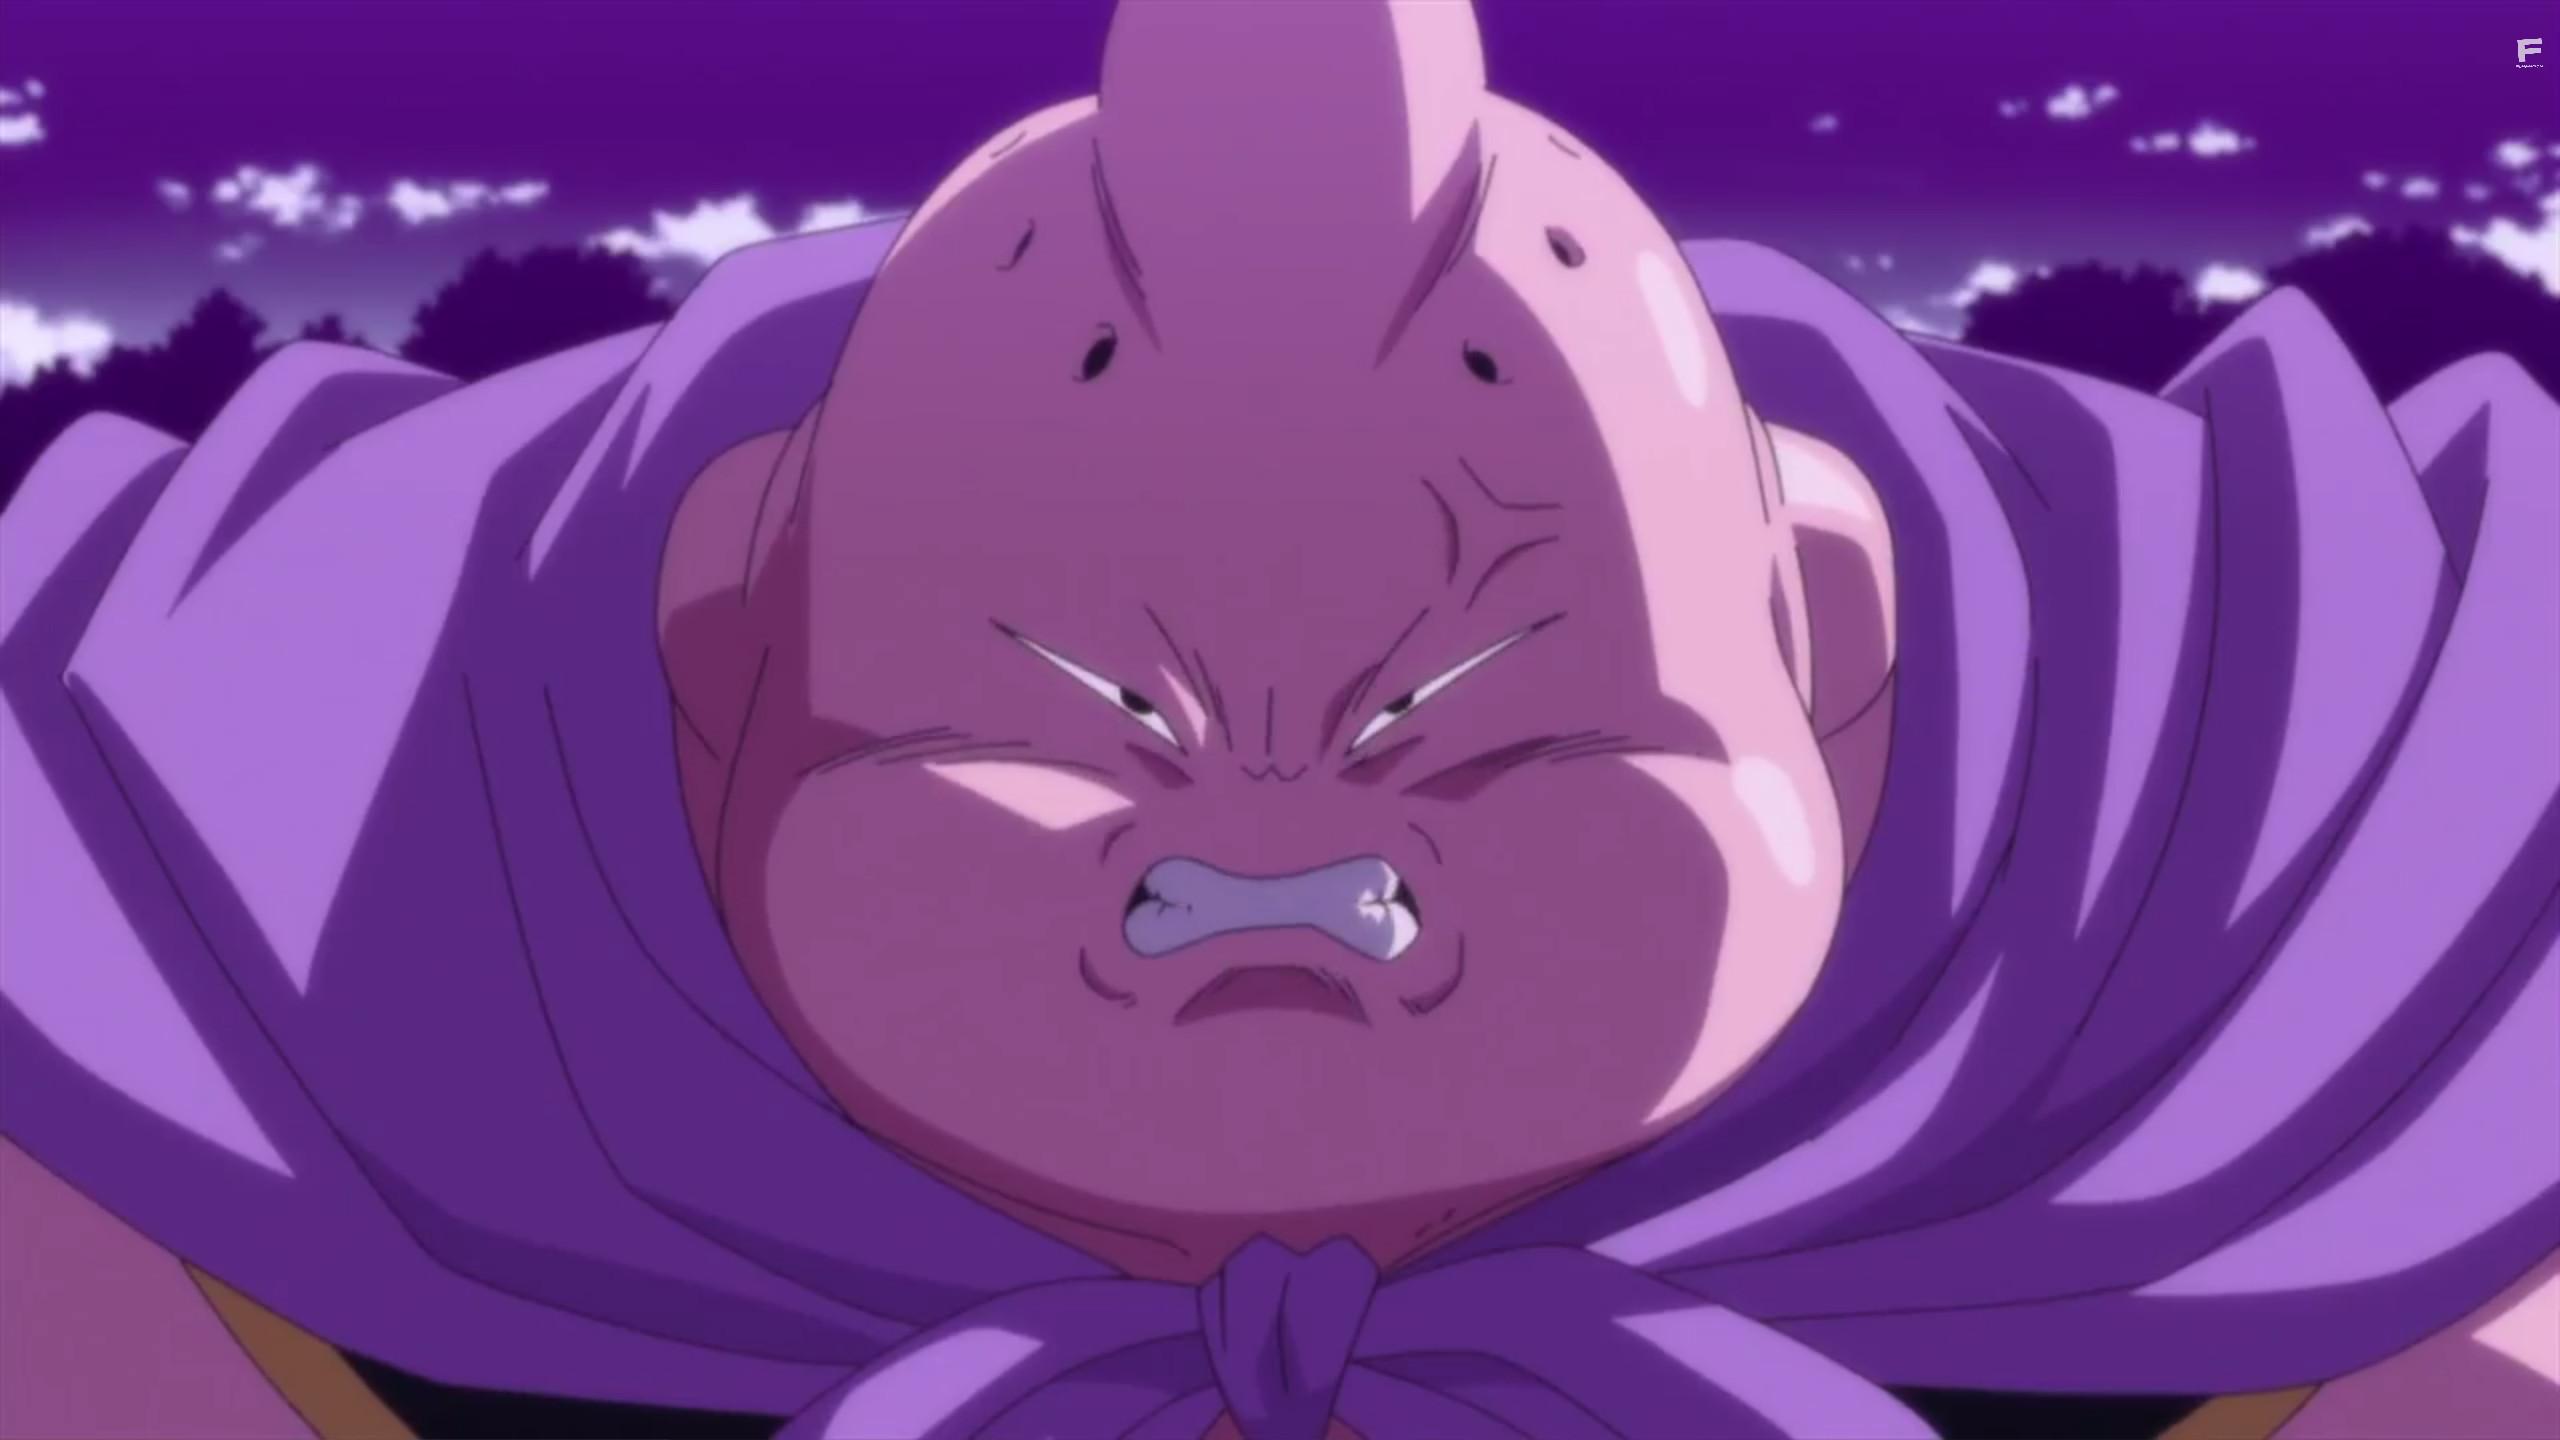 Res: 2560x1440, 1900x2850 ... on deviantart dragon Goku Majin Buu Saga ball z saga de majin  boo by saodvd on .